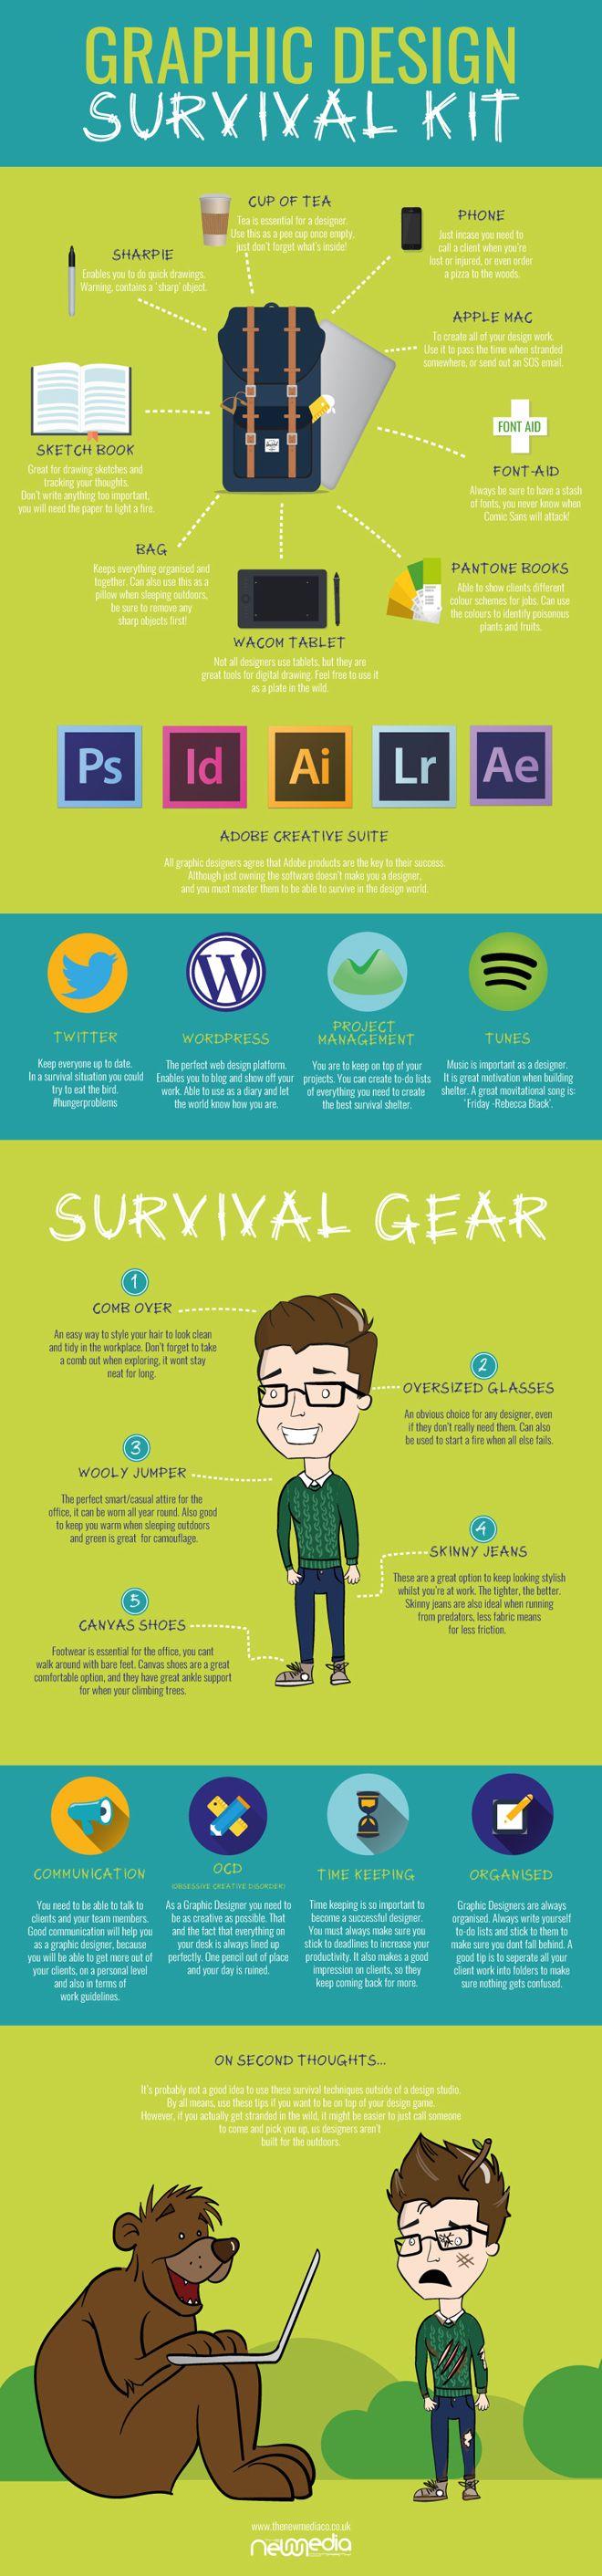 Infográfico mostra o kit de sobrevivência do designer gráfico